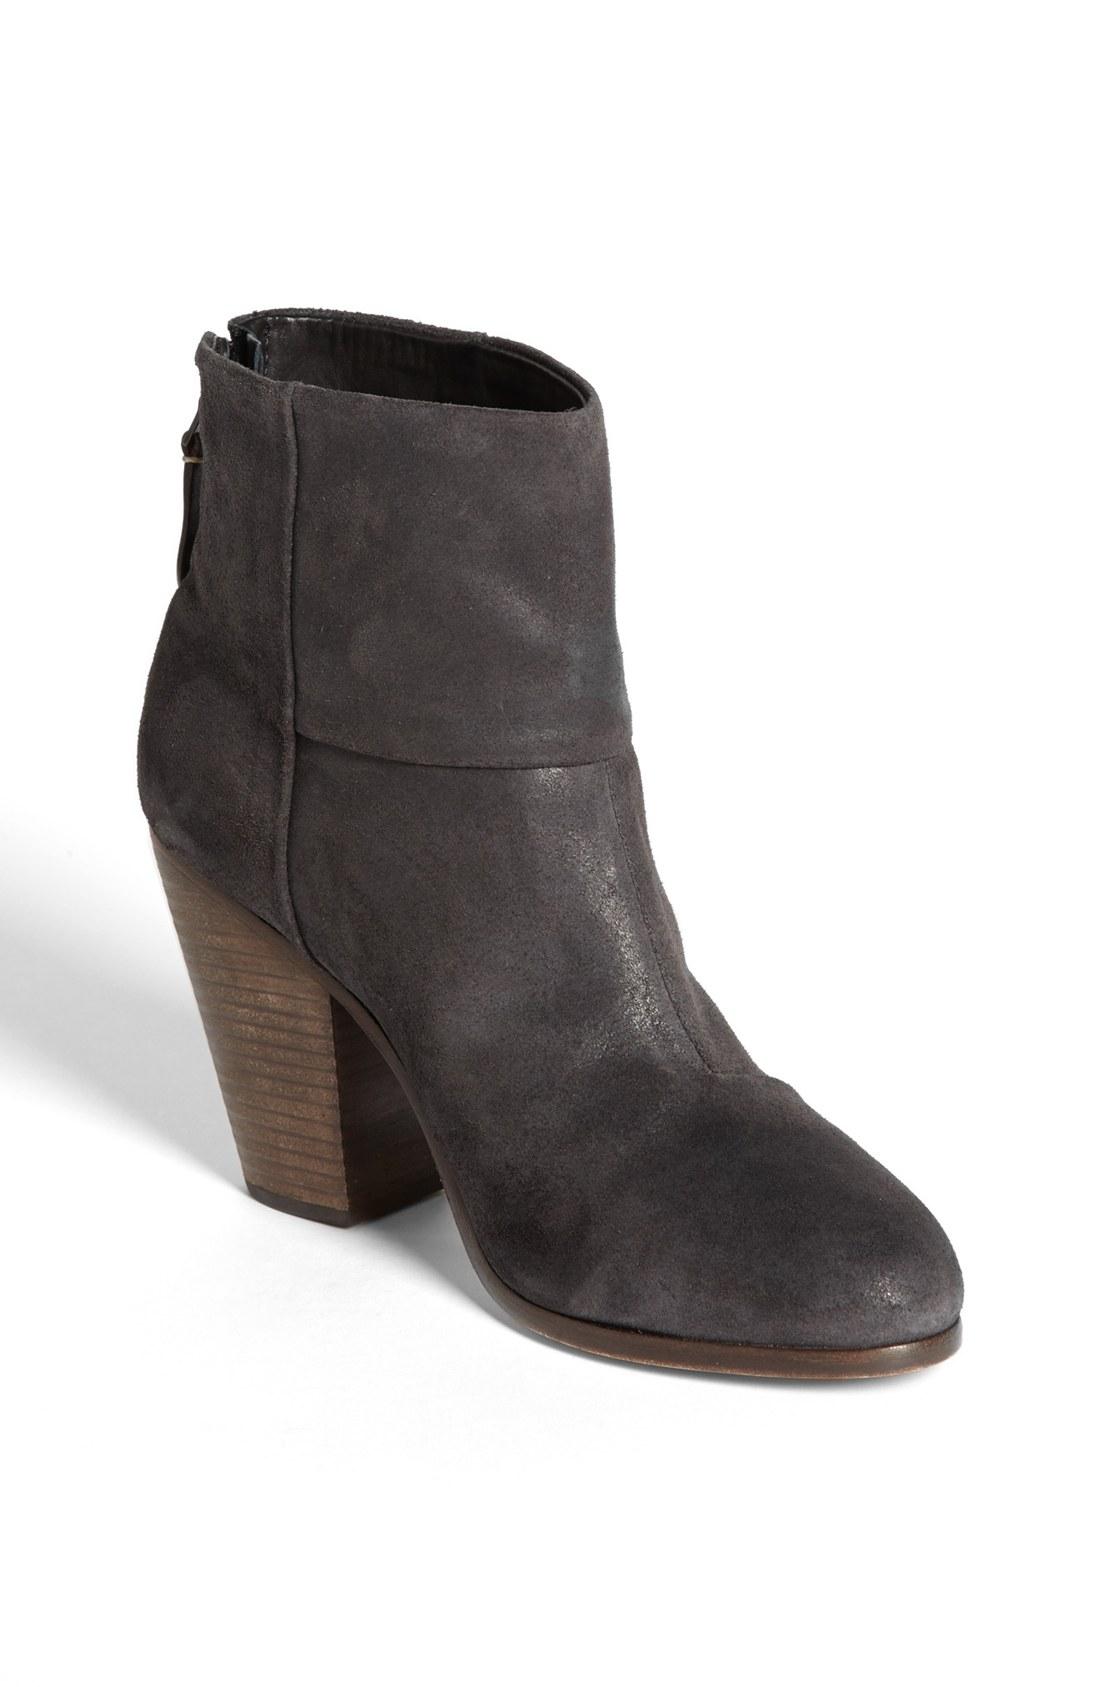 rag bone newbury bootie in black asphalt wax suede lyst